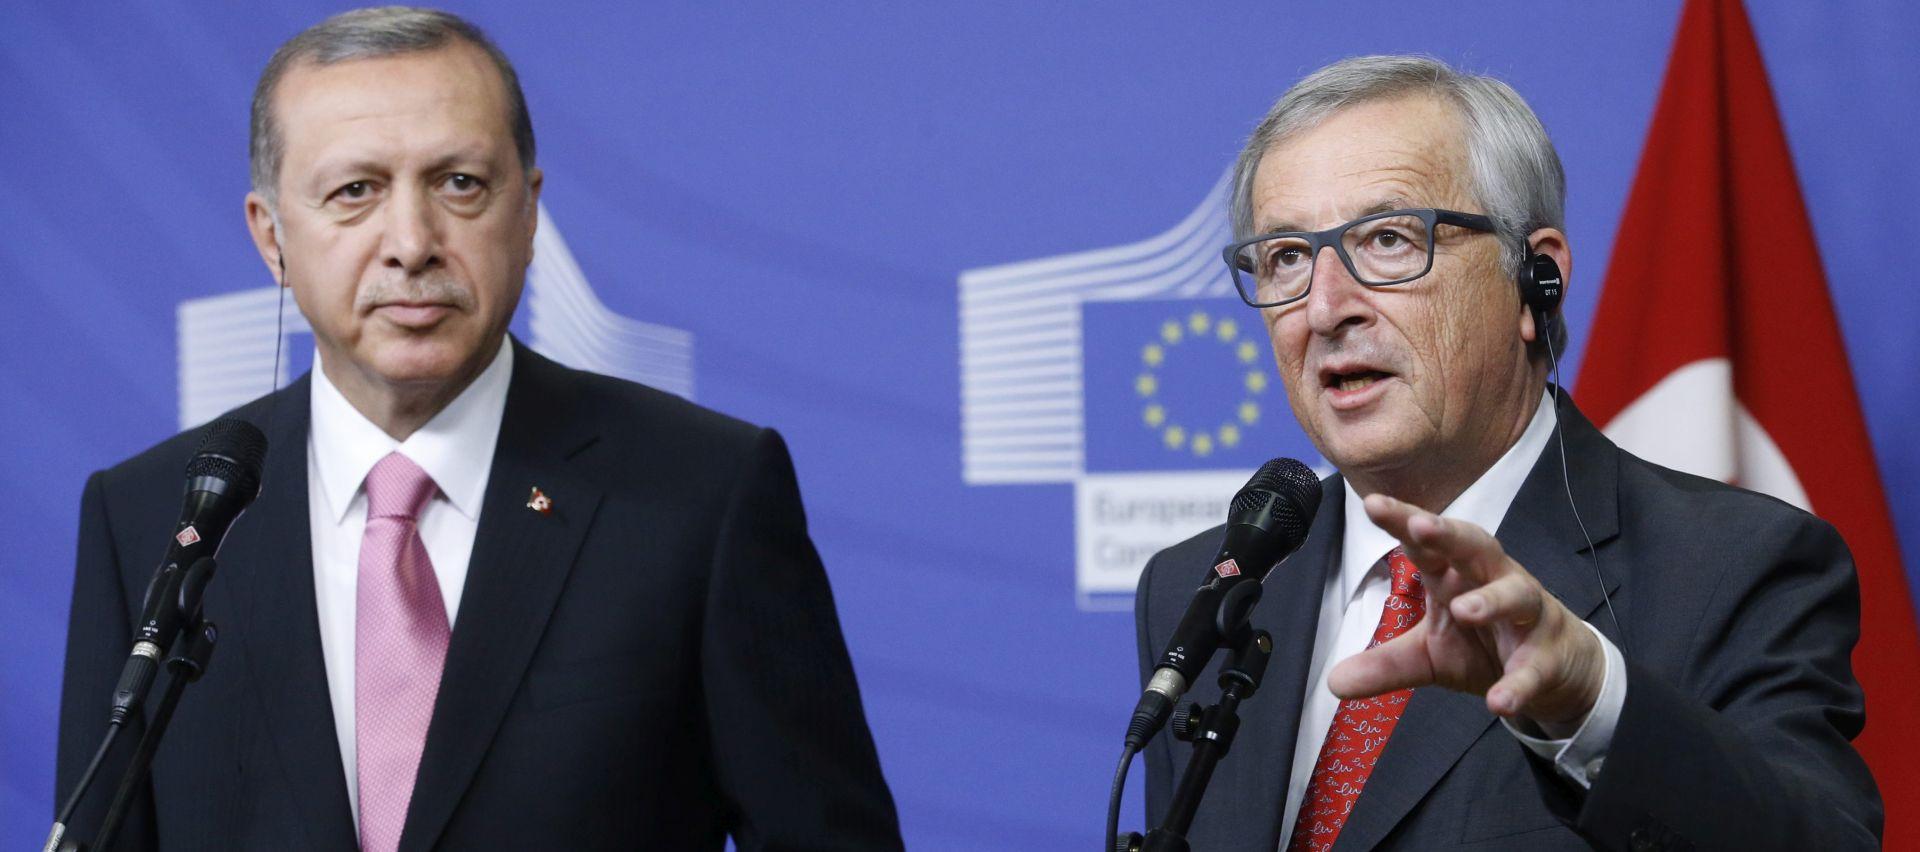 EUROPSKA KOMISIJA: Prva obljetnica u petogodišnjem mandatu Jean-Claude Junckera